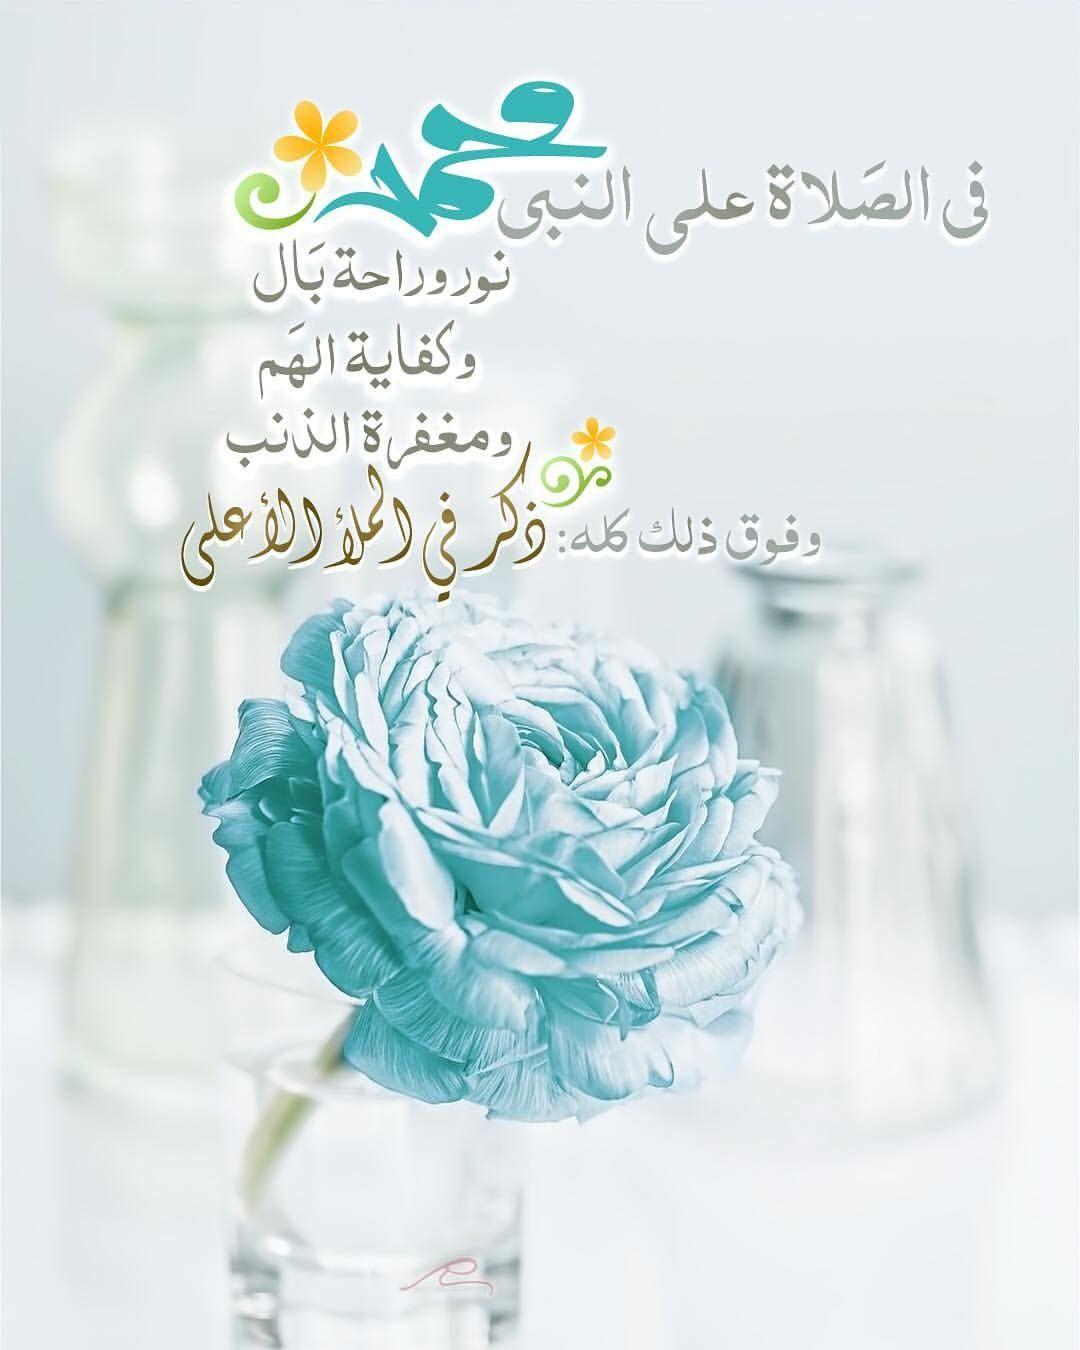 الصلاة على النبي Islamic Images Prayer For The Day Islamic Pictures